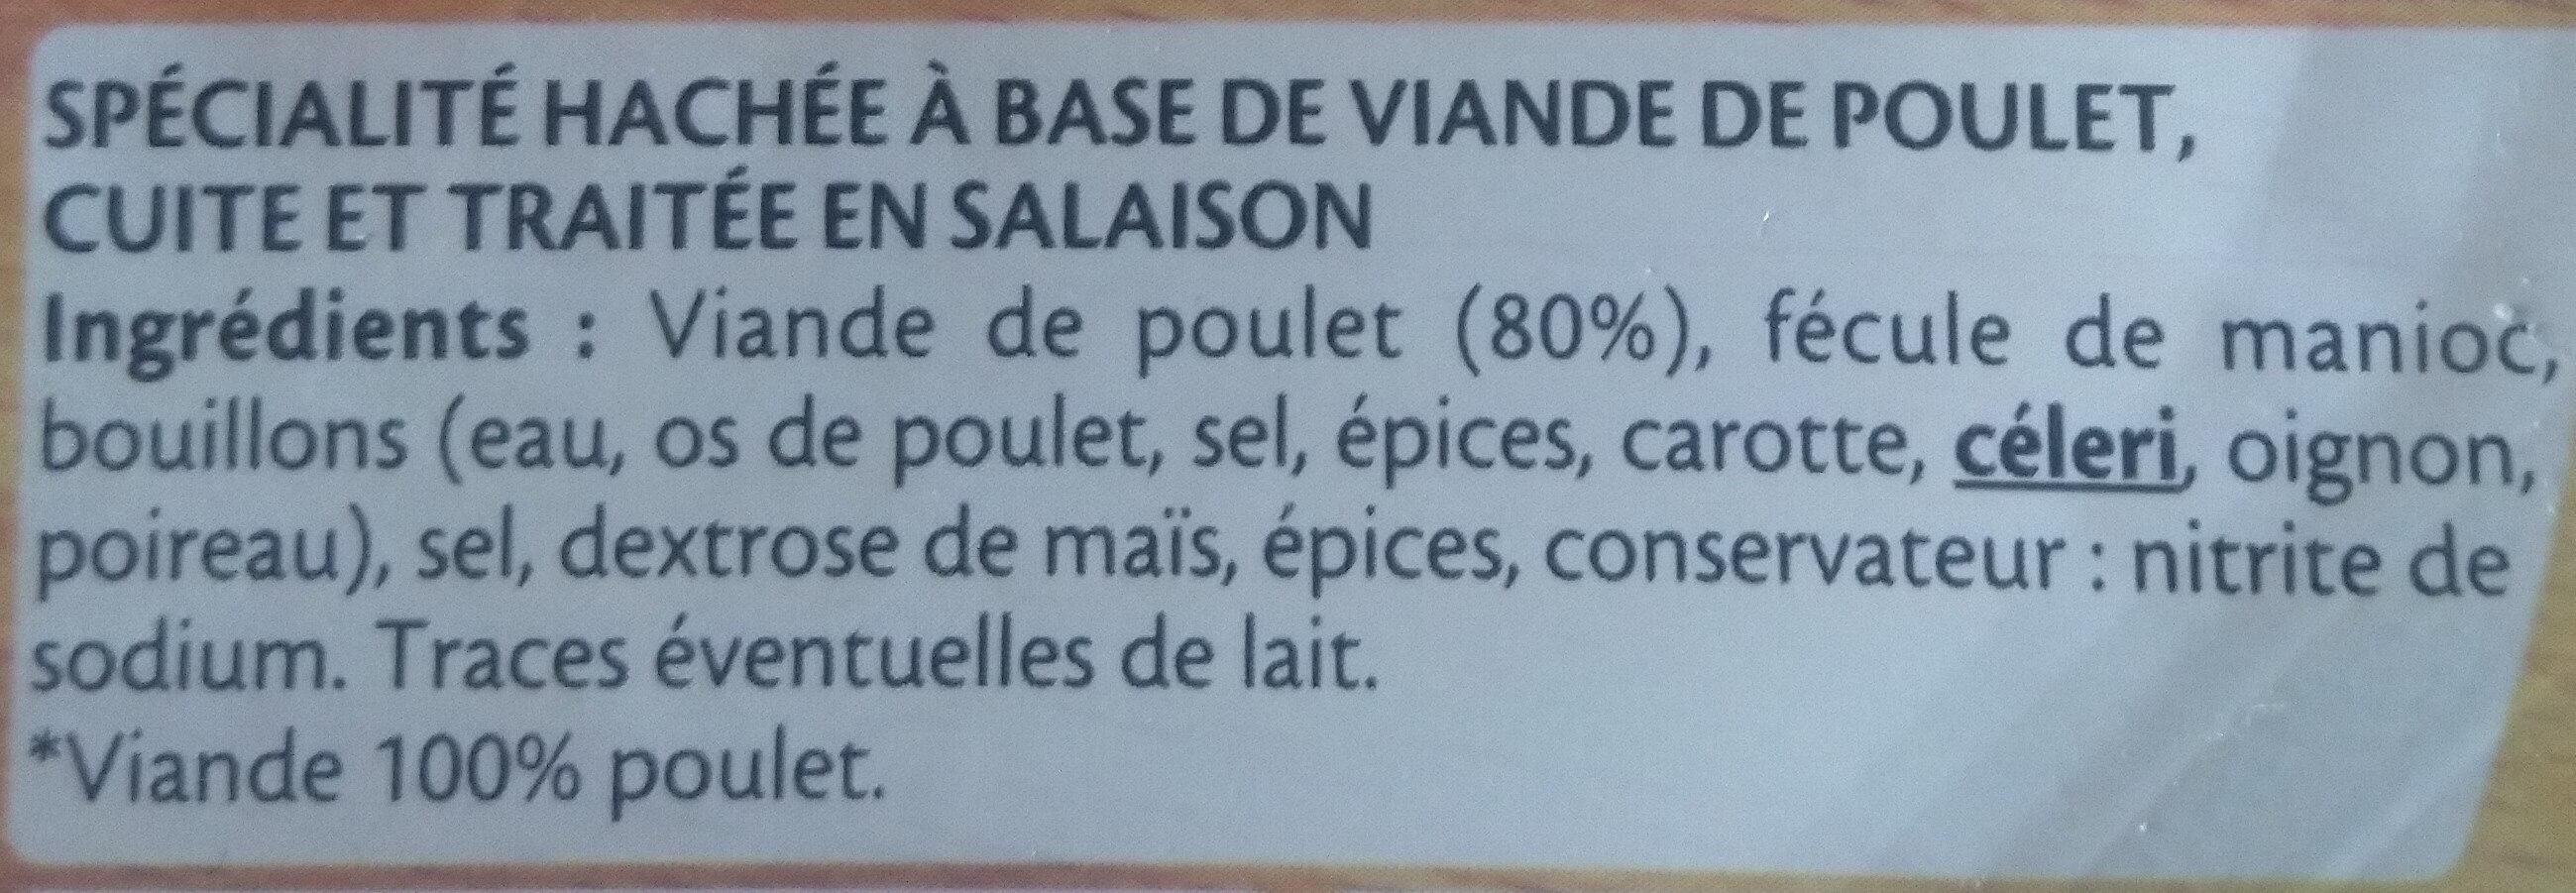 Le Haché de Poulet - à Poêler - Ingrédients - fr